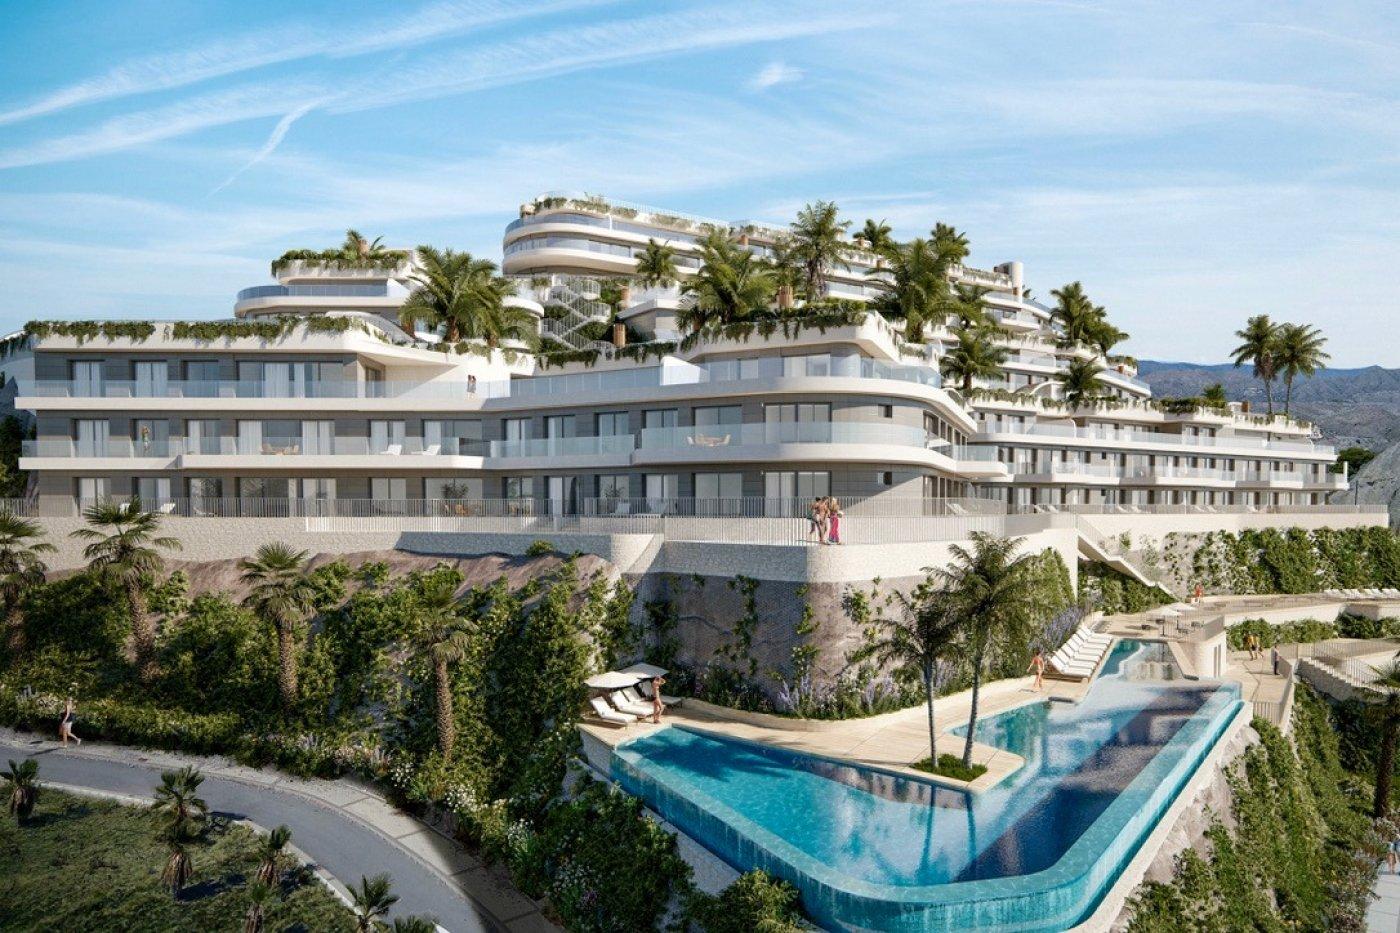 Galleribillede 2 of Exceptionel 2 etagers 4 vær luksus lejlighed, panorama udsigt, 58 m2 og 24 m2 solterrasser